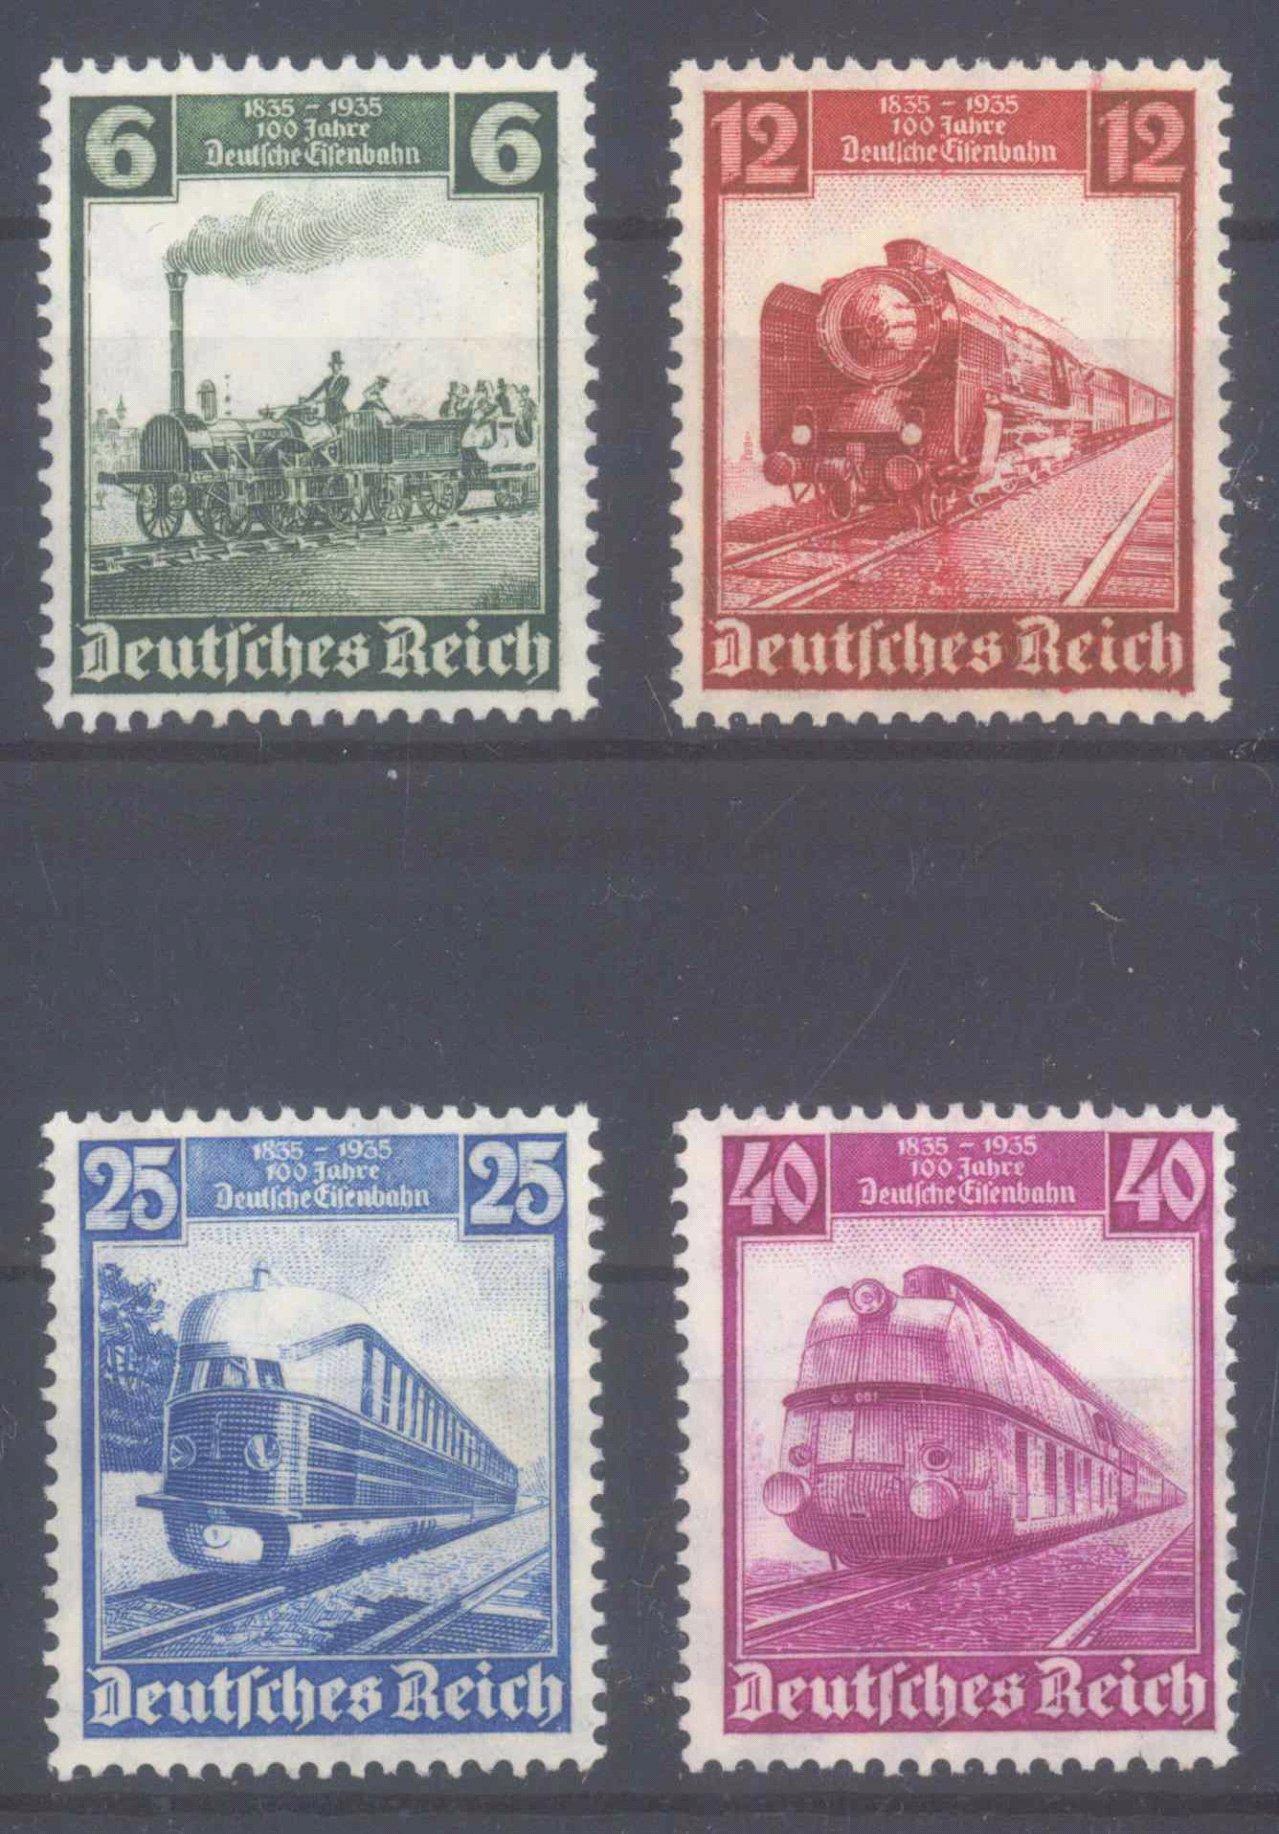 1935 III. REICH, 100 Jahre Deutsche Eisenbahn